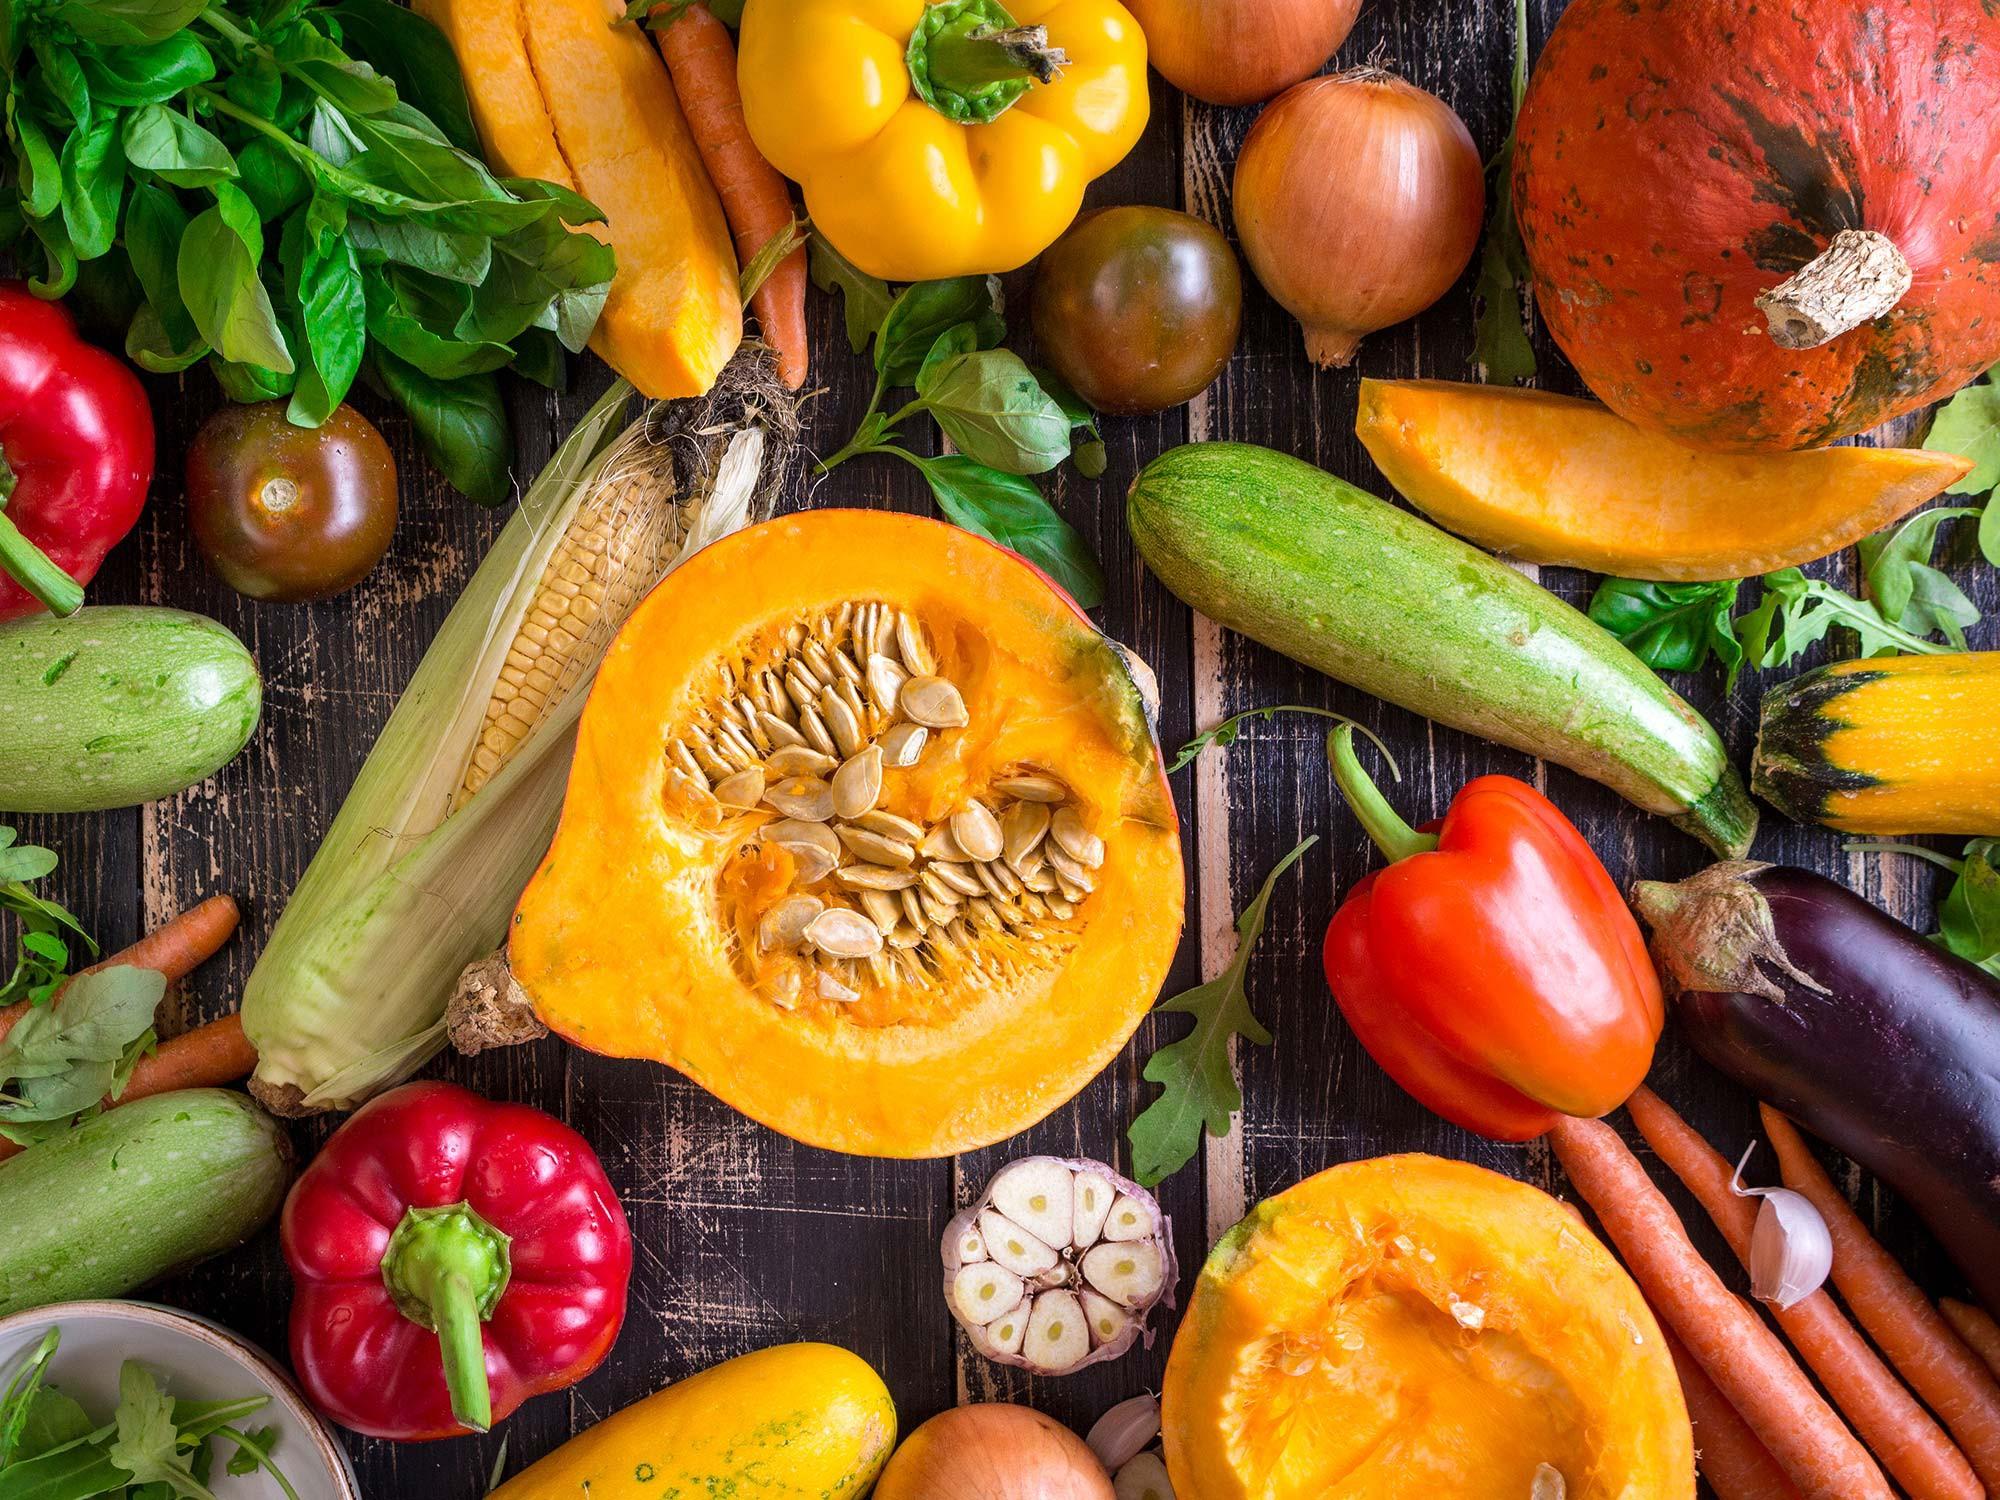 Sửng sốt: Tưởng cứ ăn nhiều rau củ quả sẽ giảm cân nhưng vẫn có loại khiến chị em béo lên đây này!-1